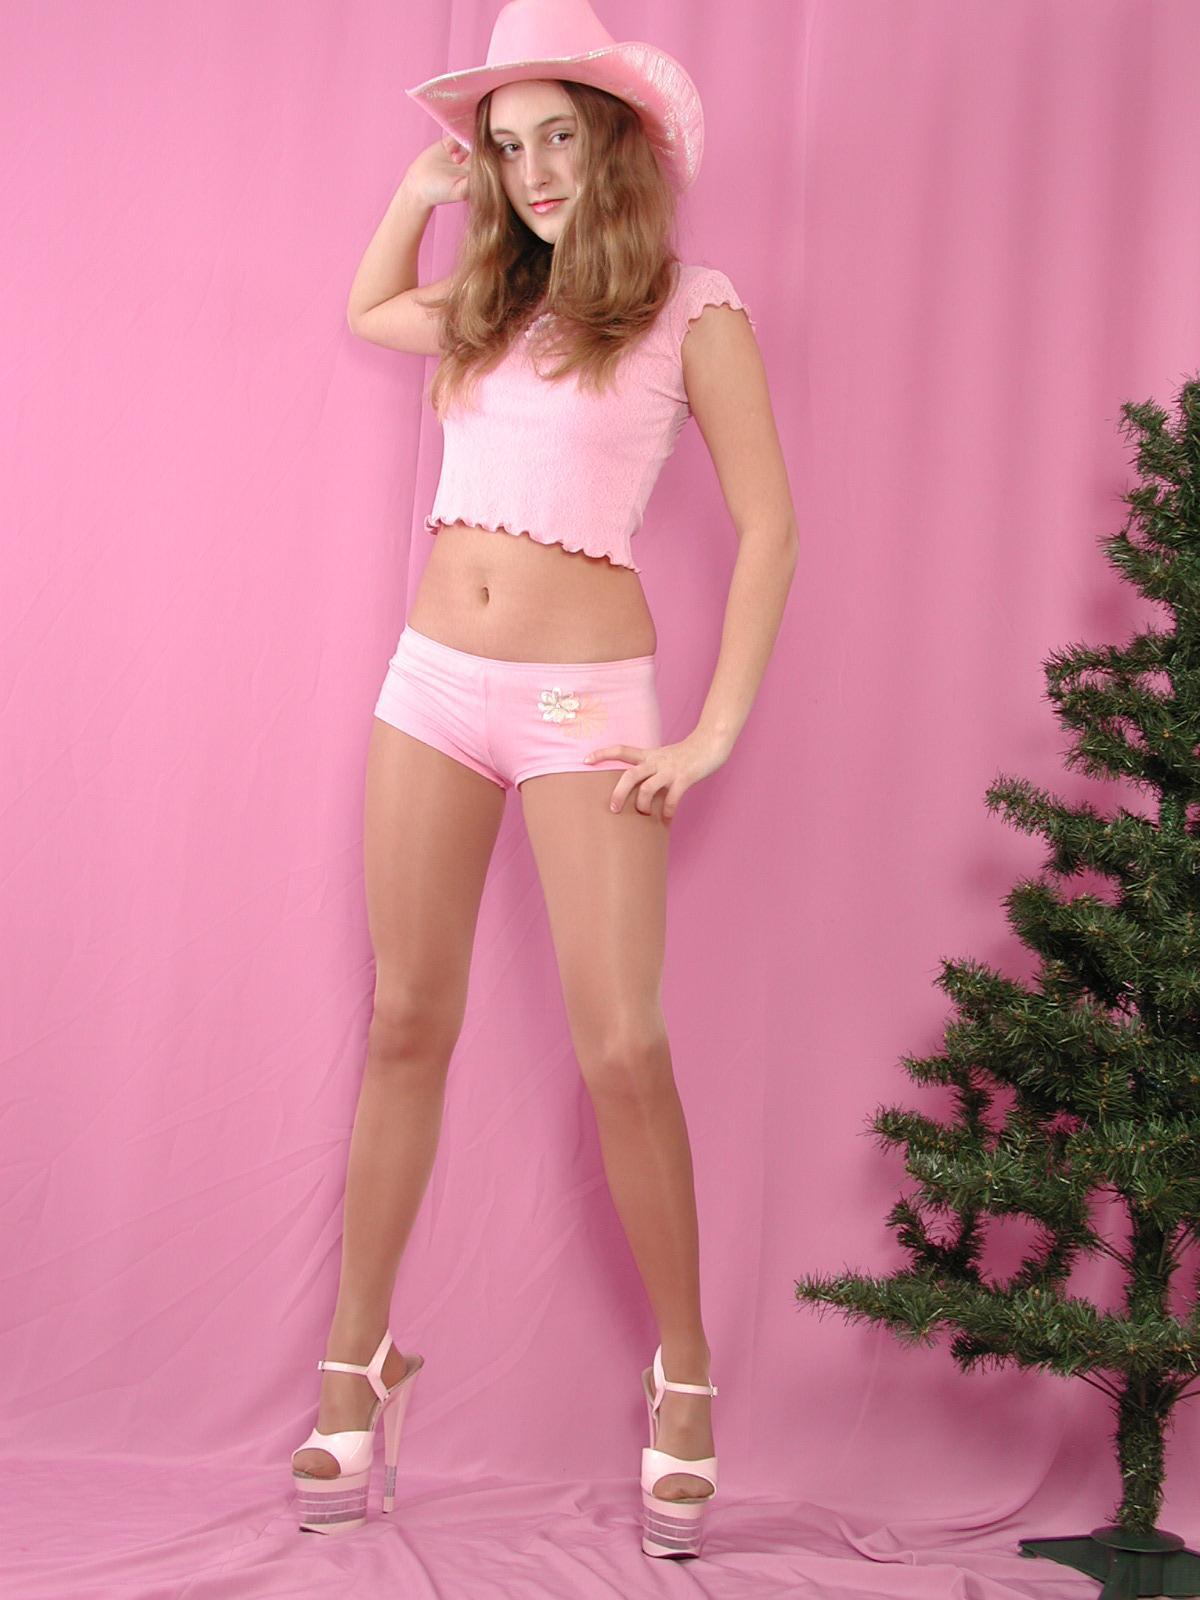 Allison mack sex tape